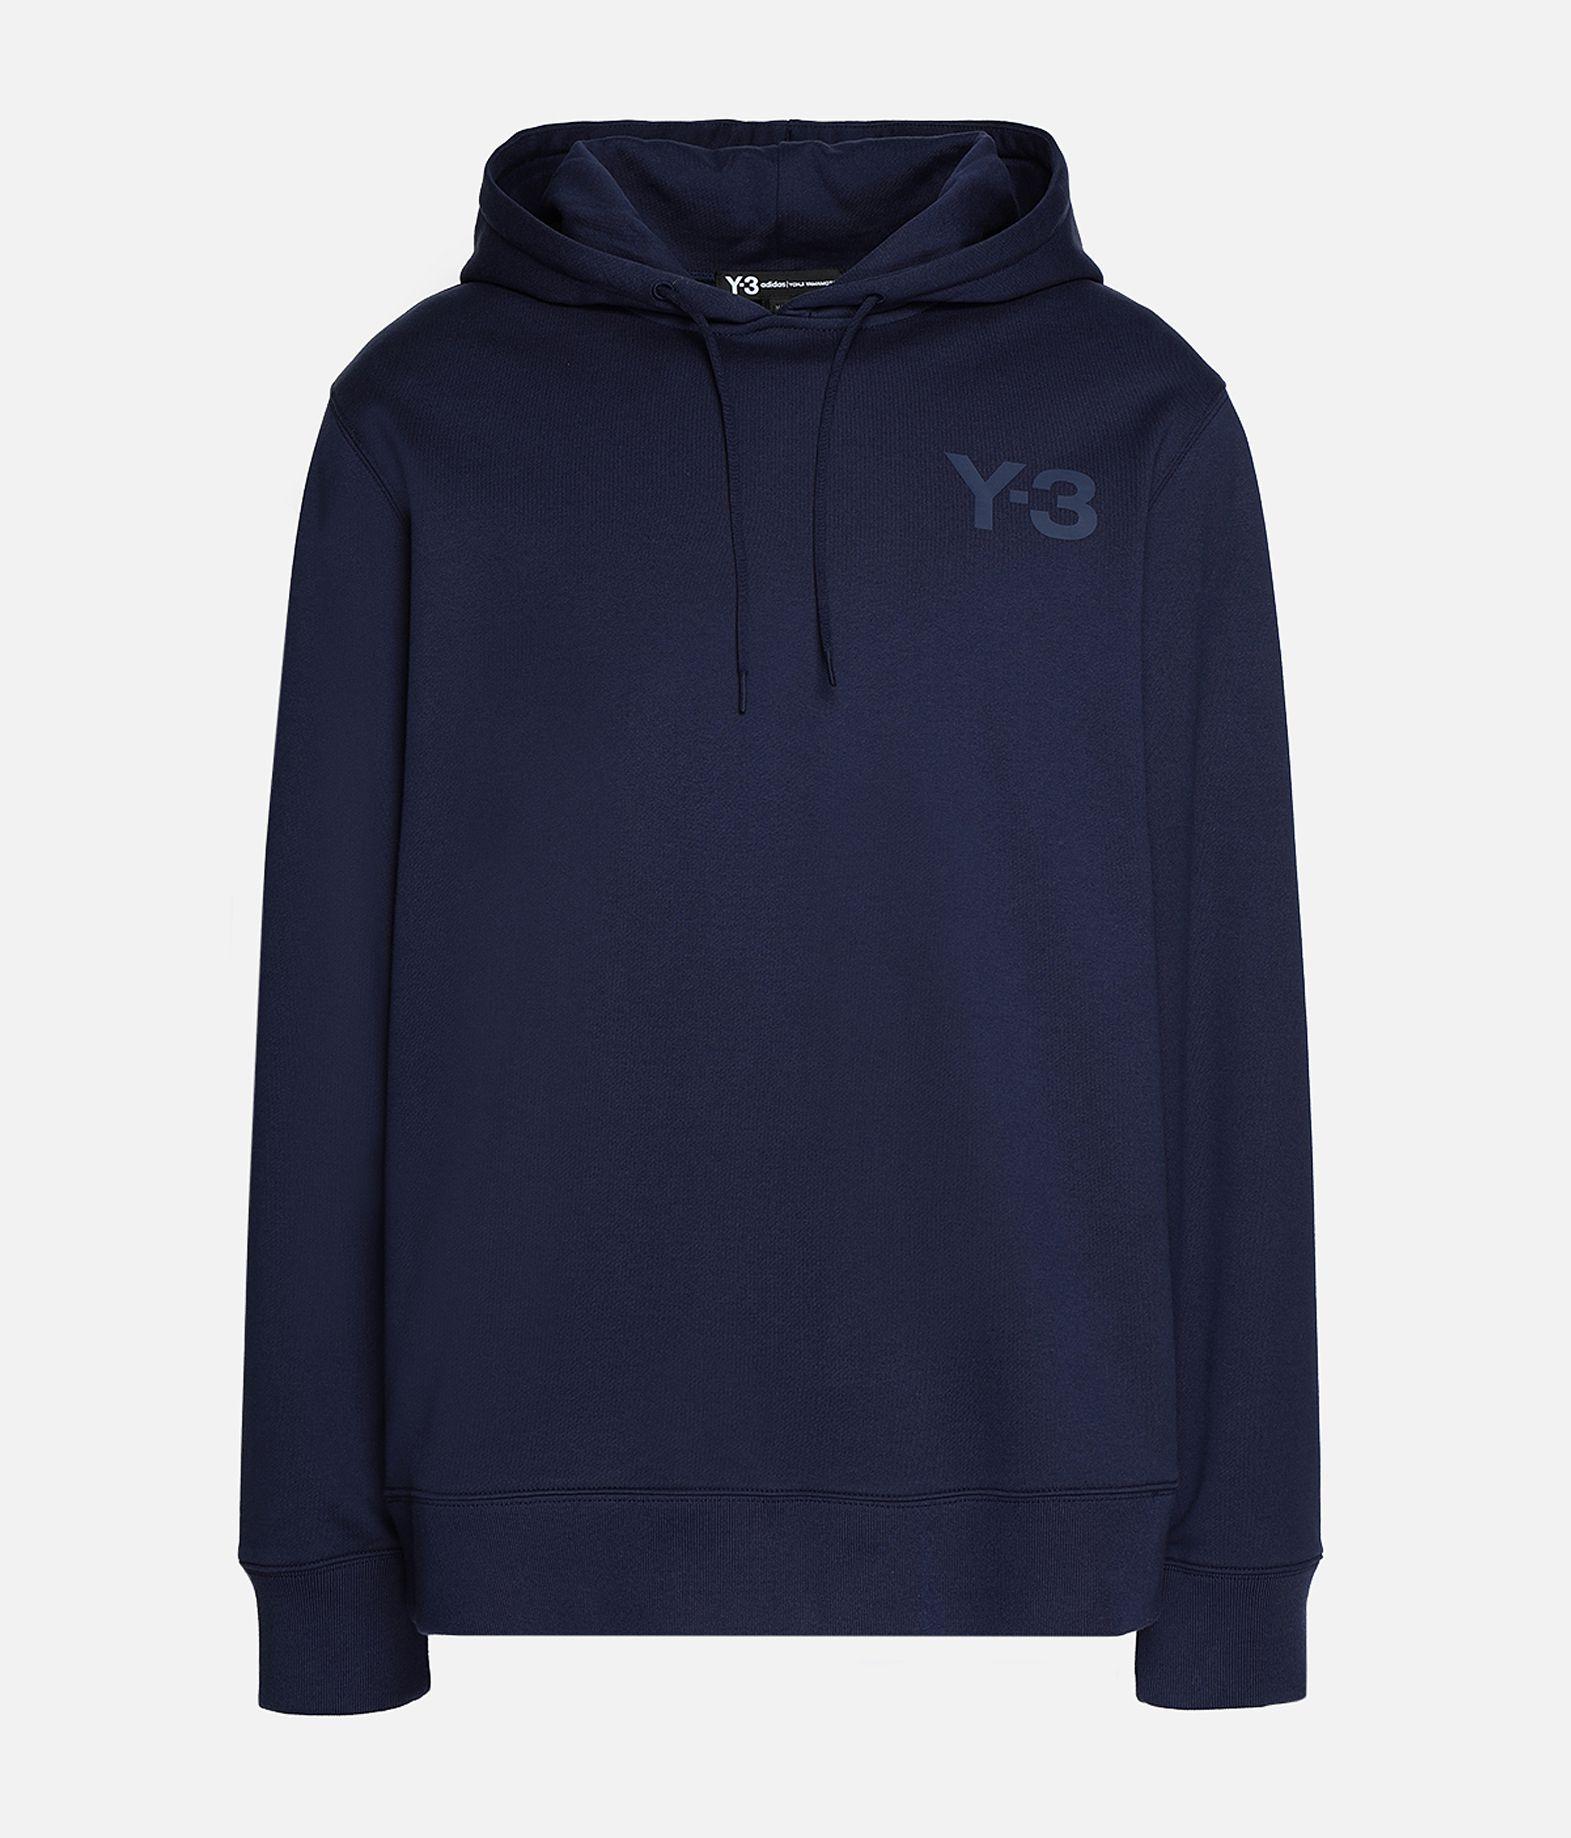 Y-3 Y-3 Logo Hoodie Толстовка с капюшоном Для Мужчин f